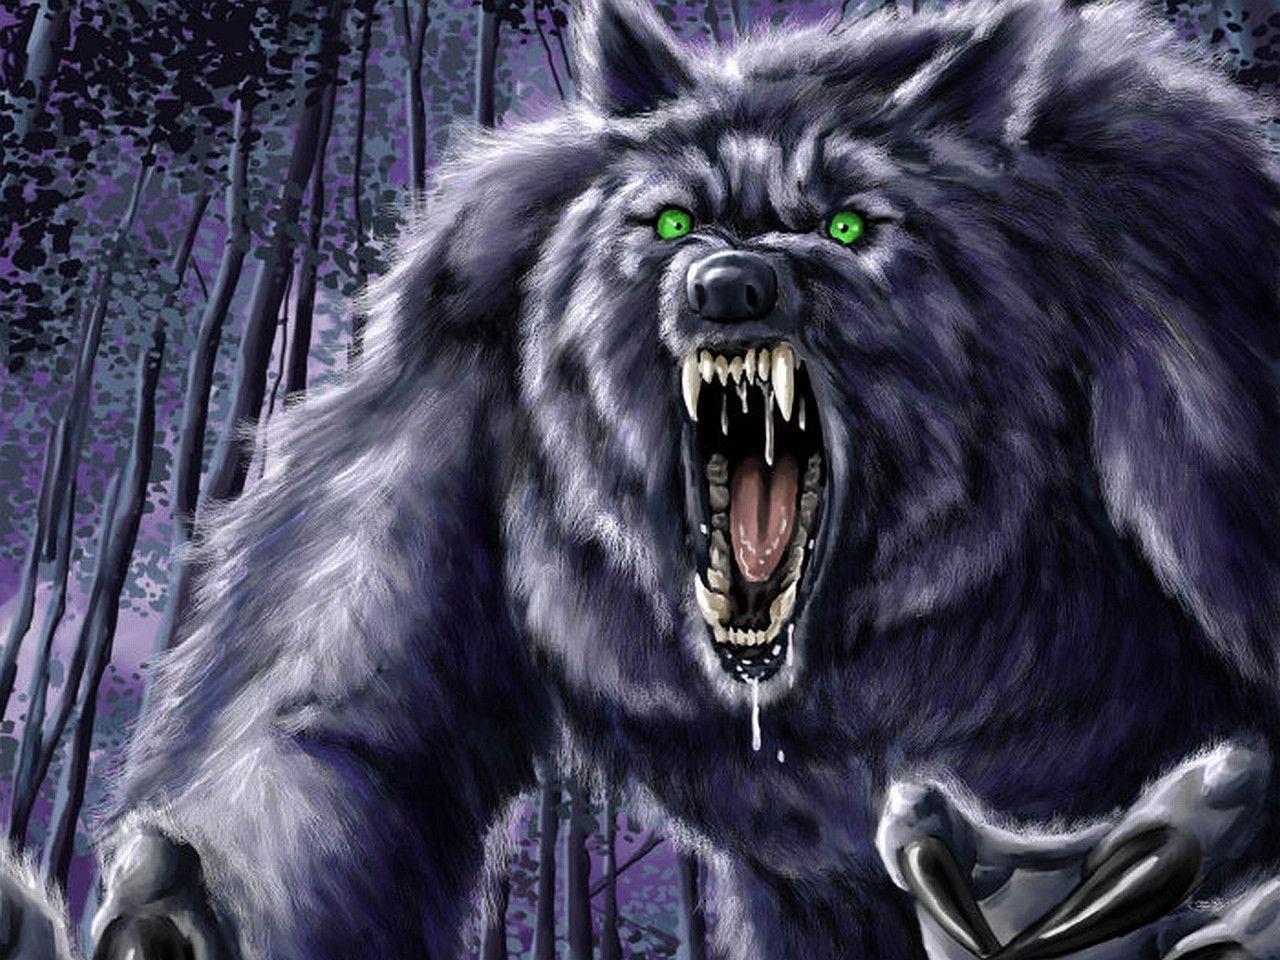 Werewolf Wallpapers HD - Wallpaper Cave